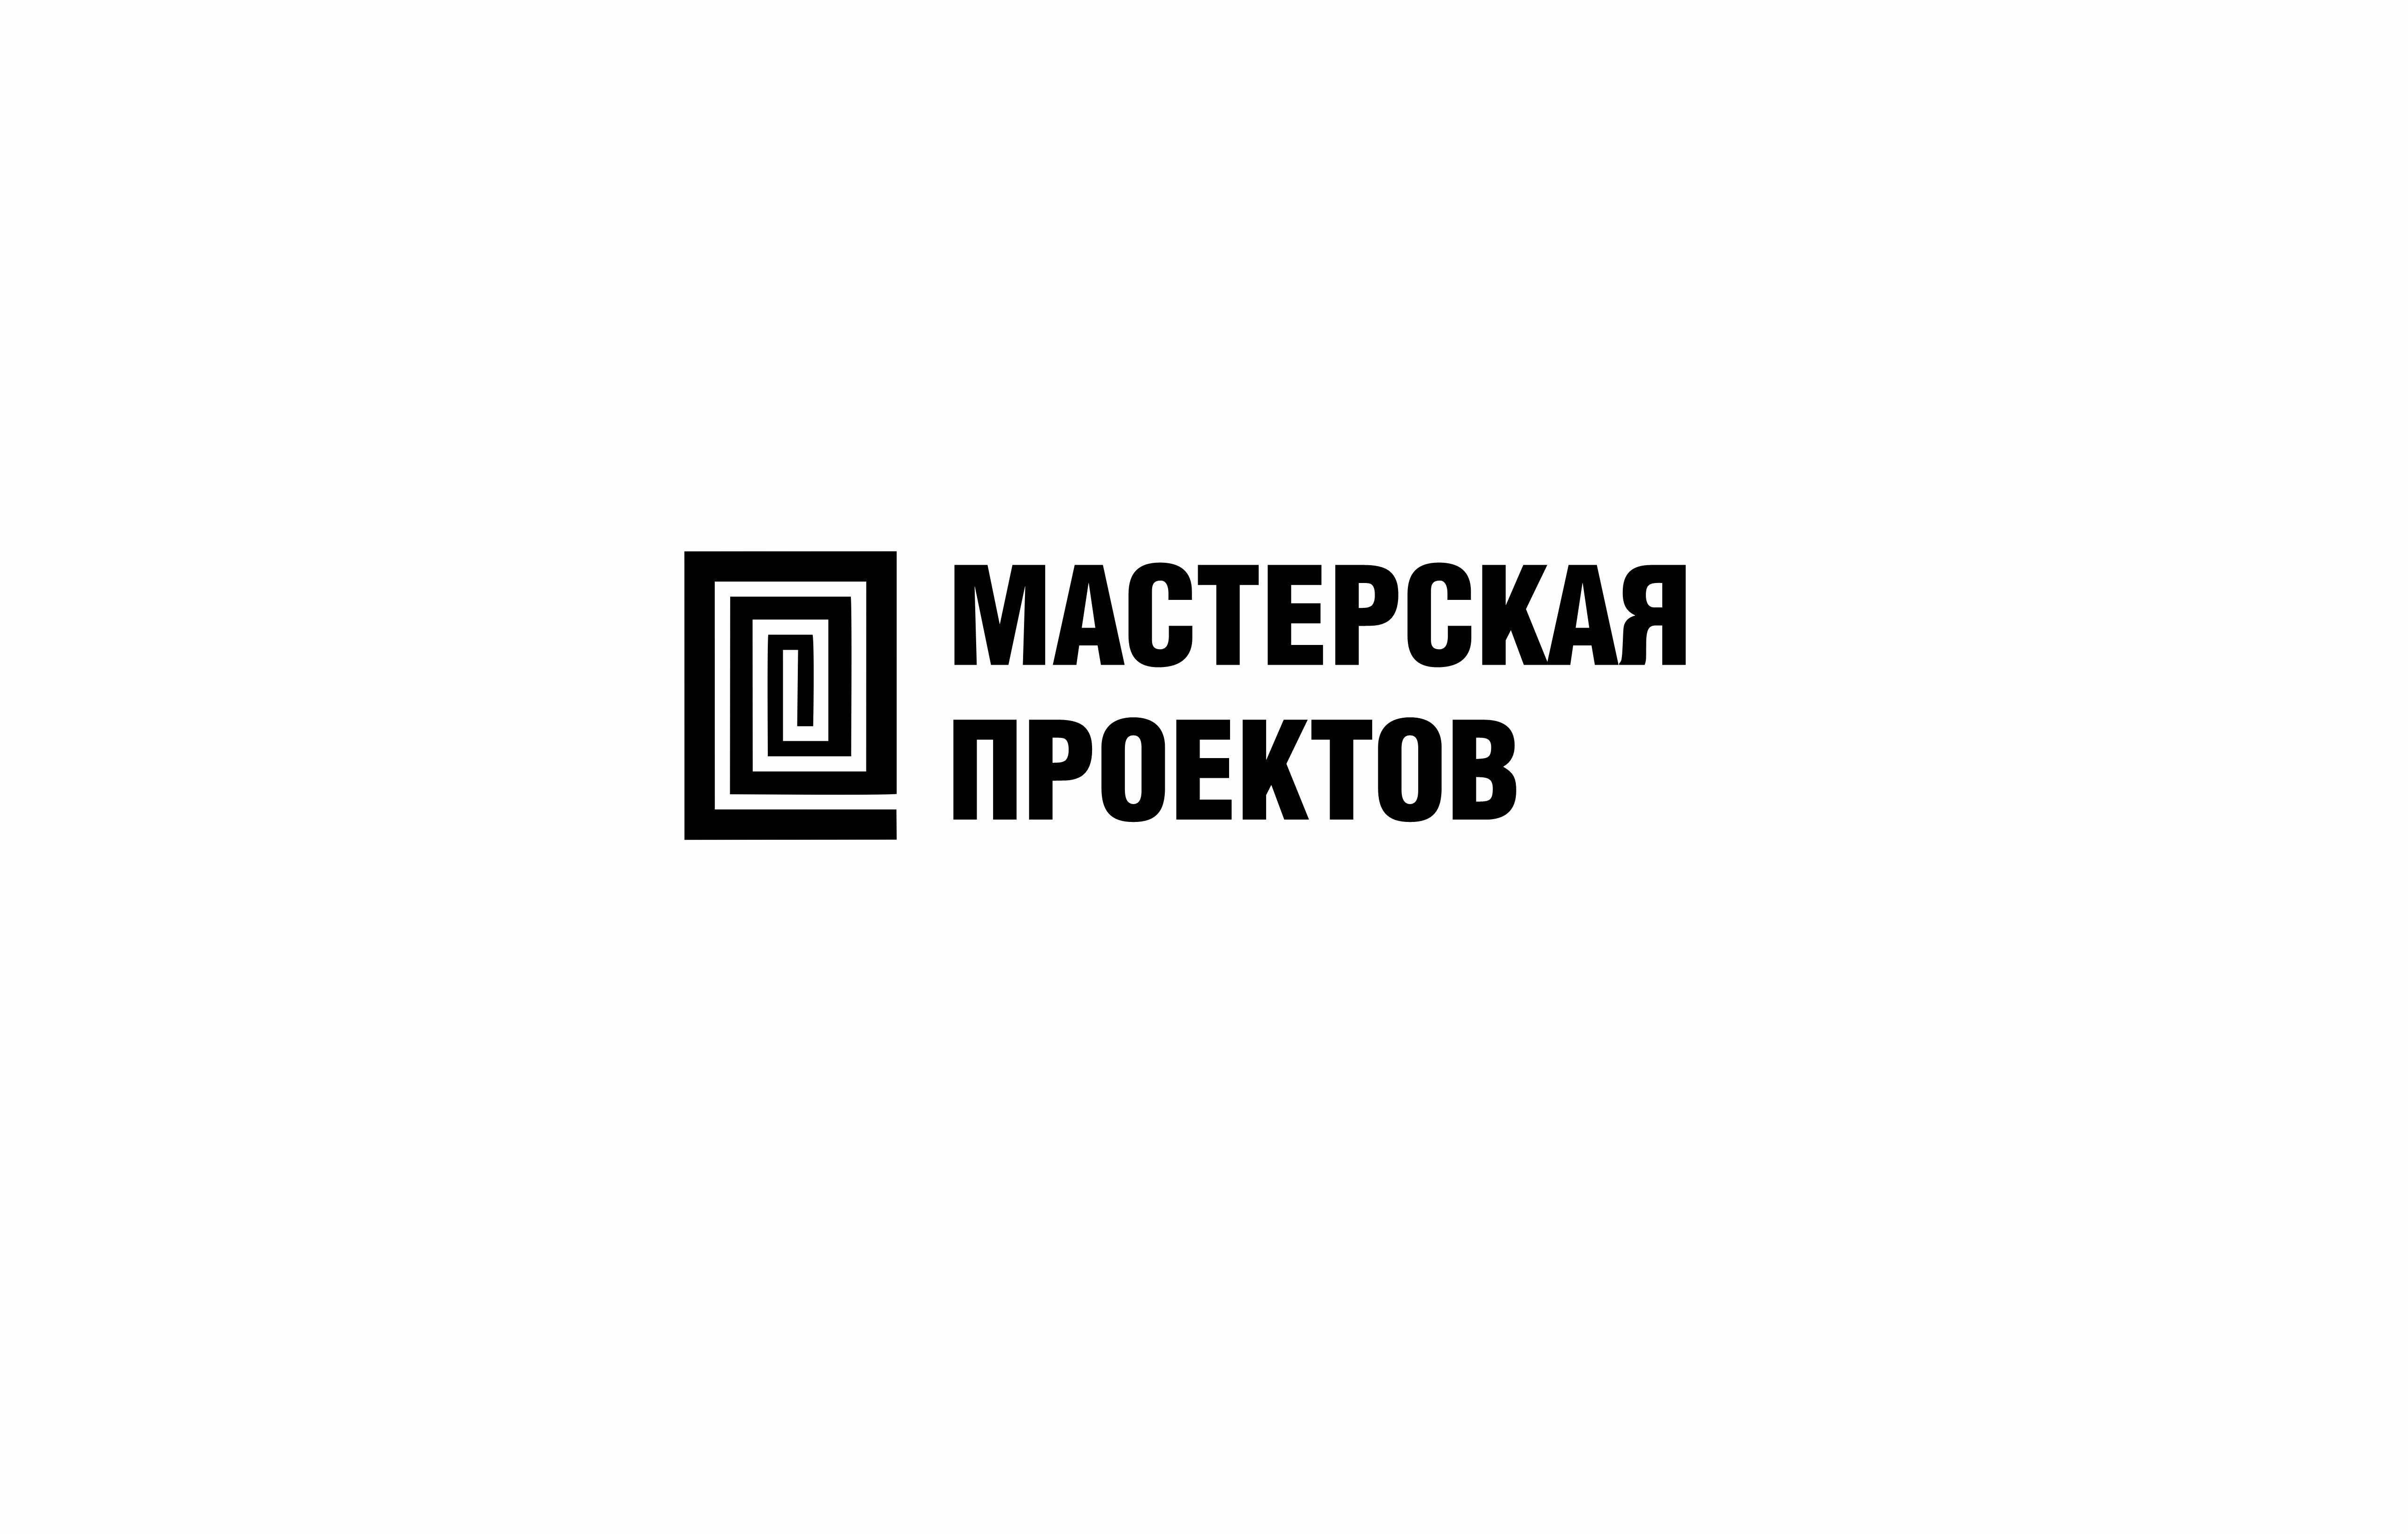 Разработка логотипа строительно-мебельного проекта (см. опис фото f_113606d6c3344b74.jpg